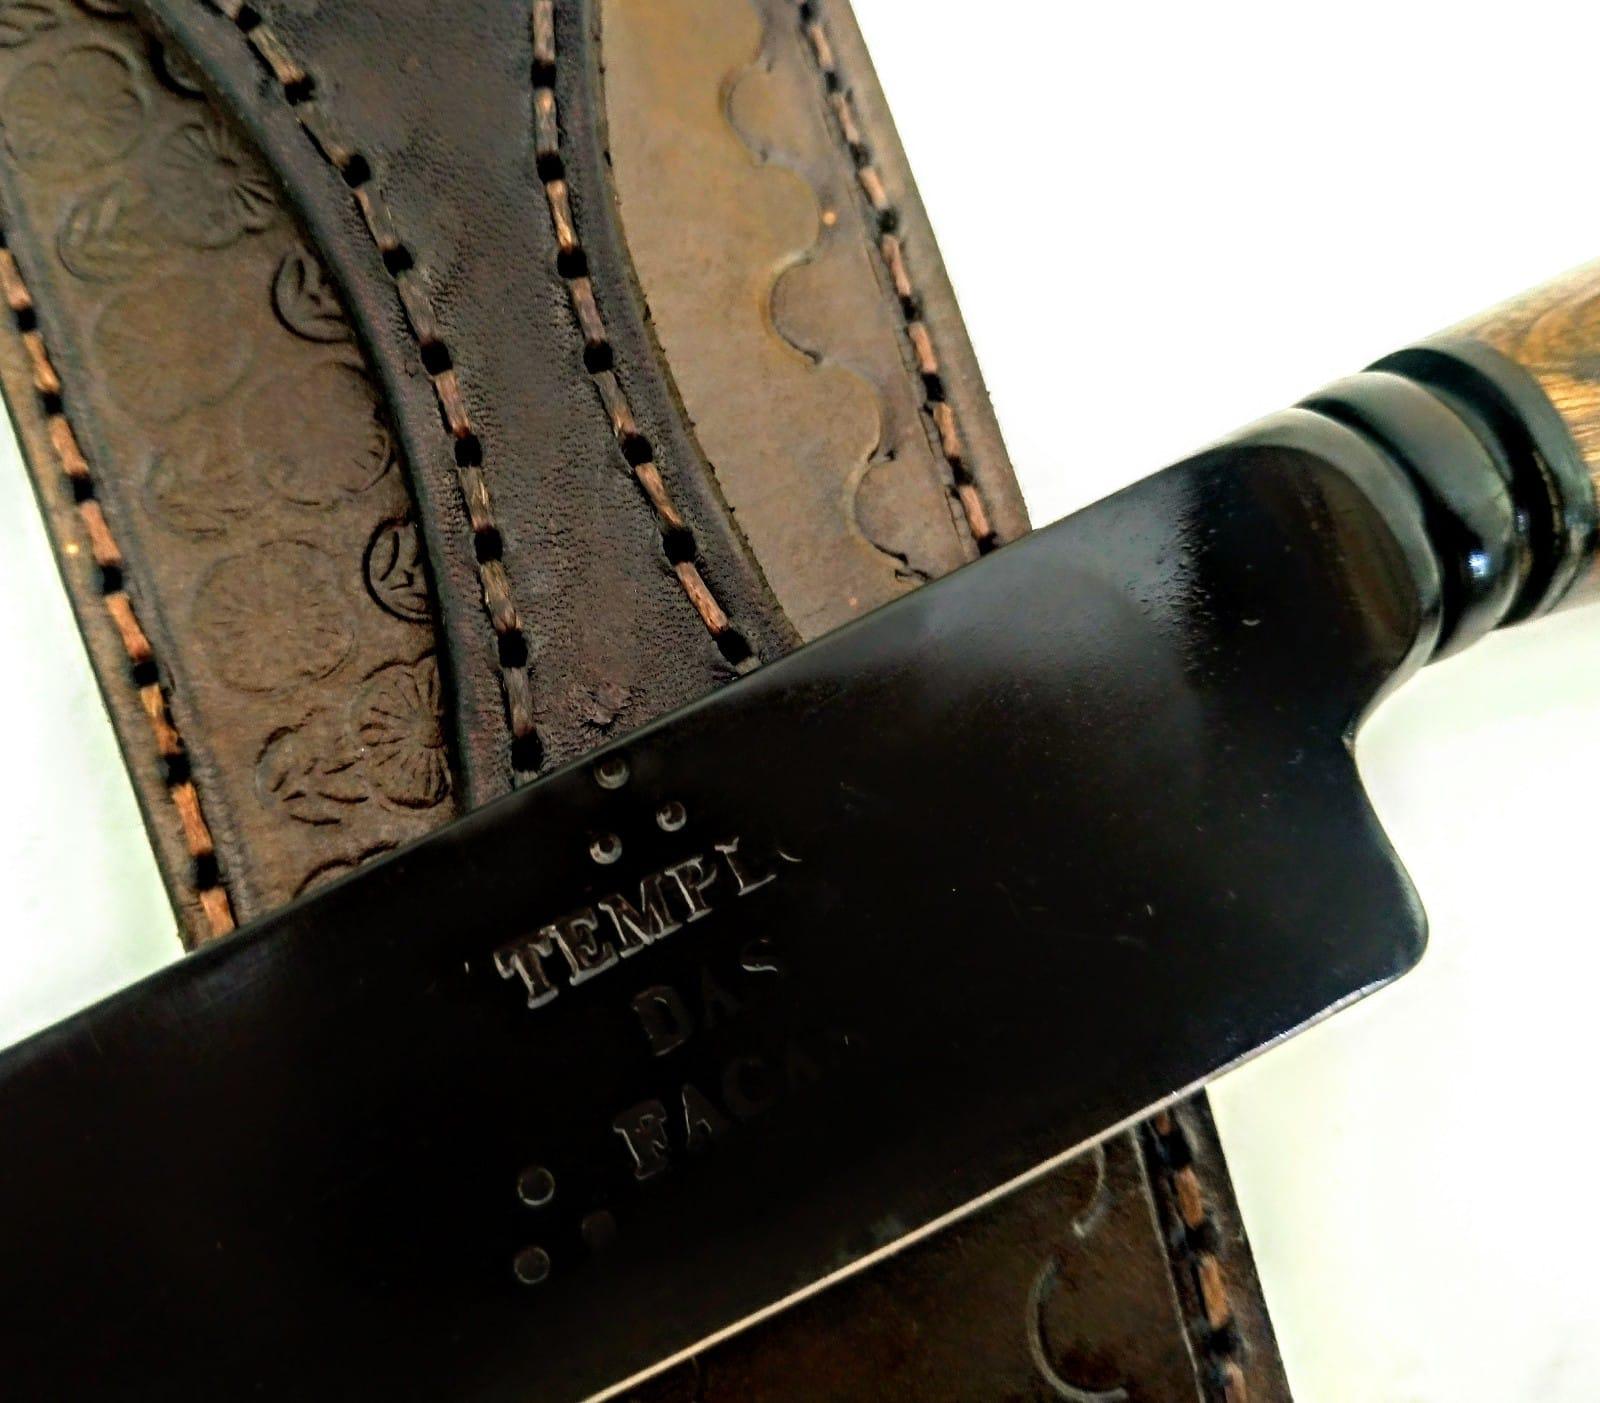 Faca artesanal forjada negra aço carbono cabo burl de imbuia 10 polegadas